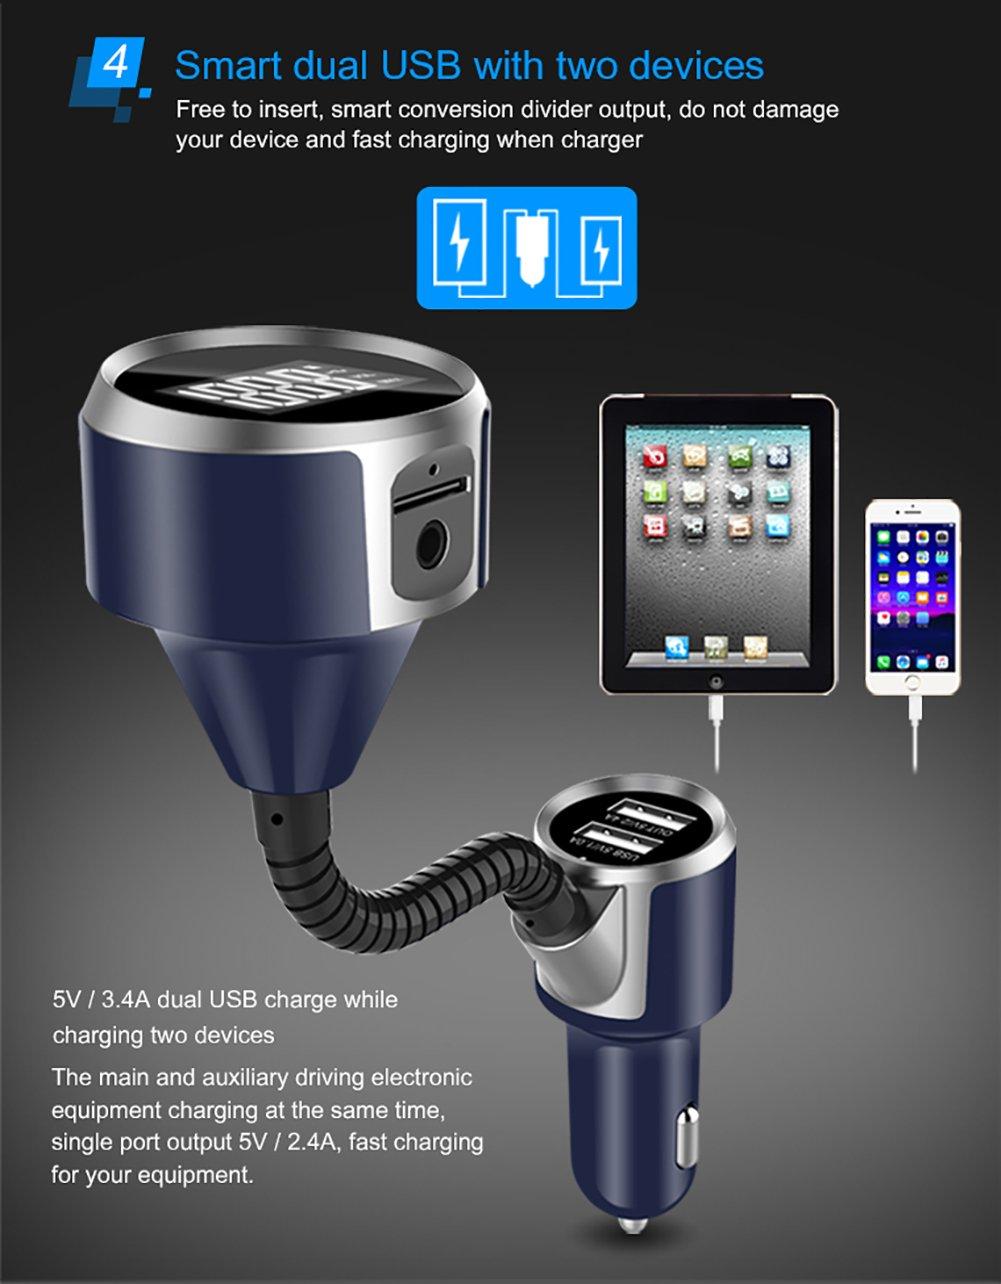 Chuangmeida Wireless coche FM transmisor Radio adaptador cargador de coche con doble Puertos USB//AUX coche Kit con llamadas manos libres para iPhone X 8 Transmisor FM Coche Bluetooth Samsung